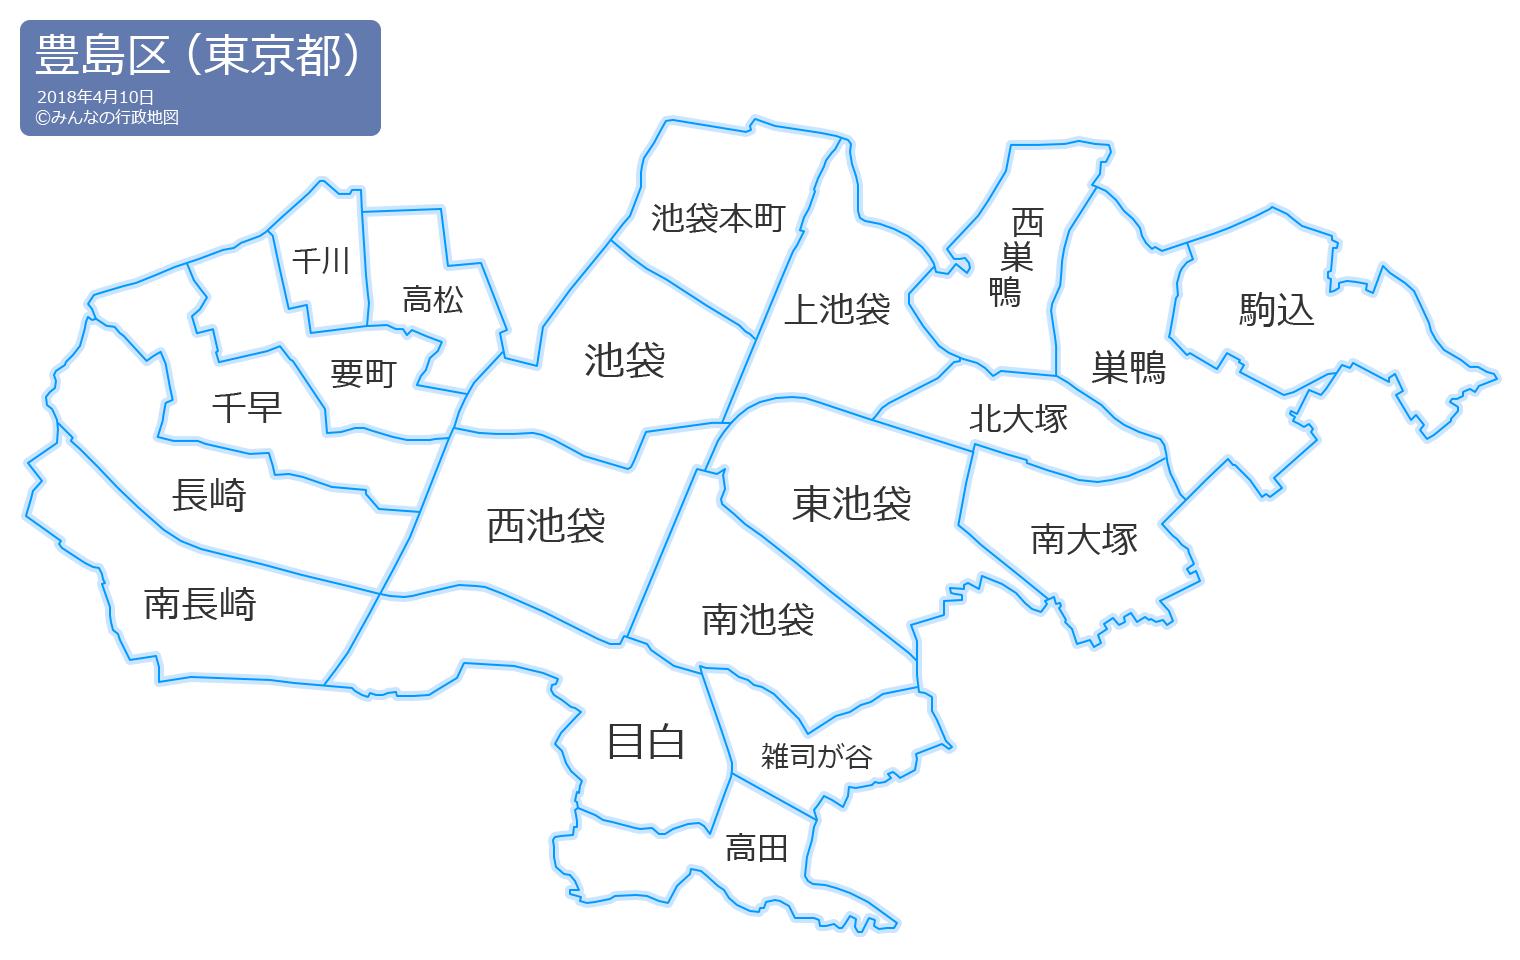 豊島区(東京都) - みんなの行政地図